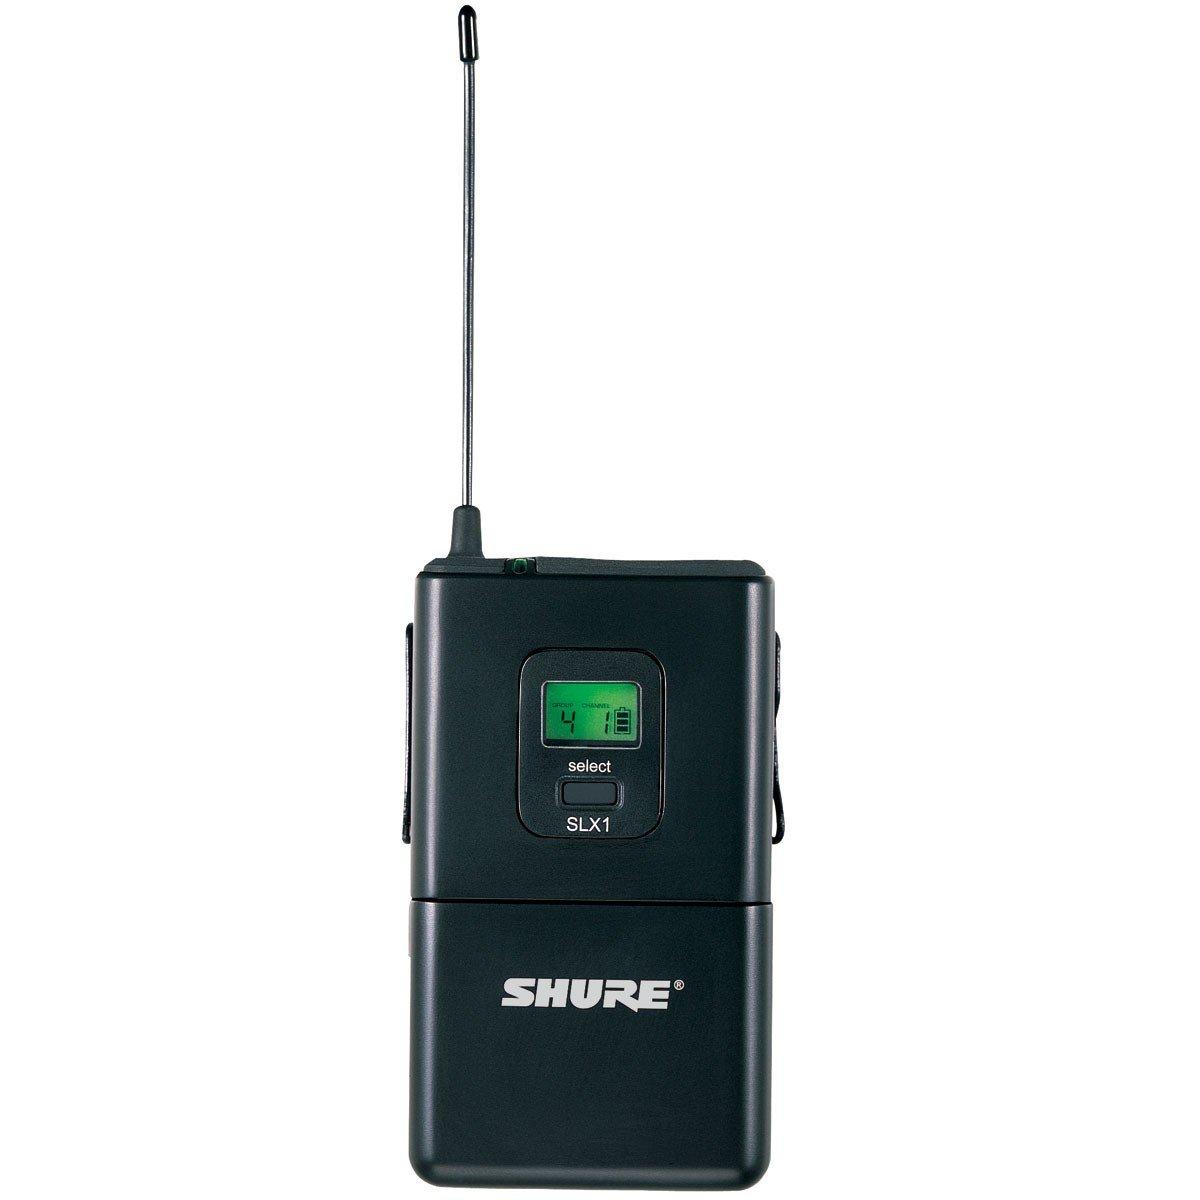 Shure SLX1 Wireless Bodypack Transmitter, J3